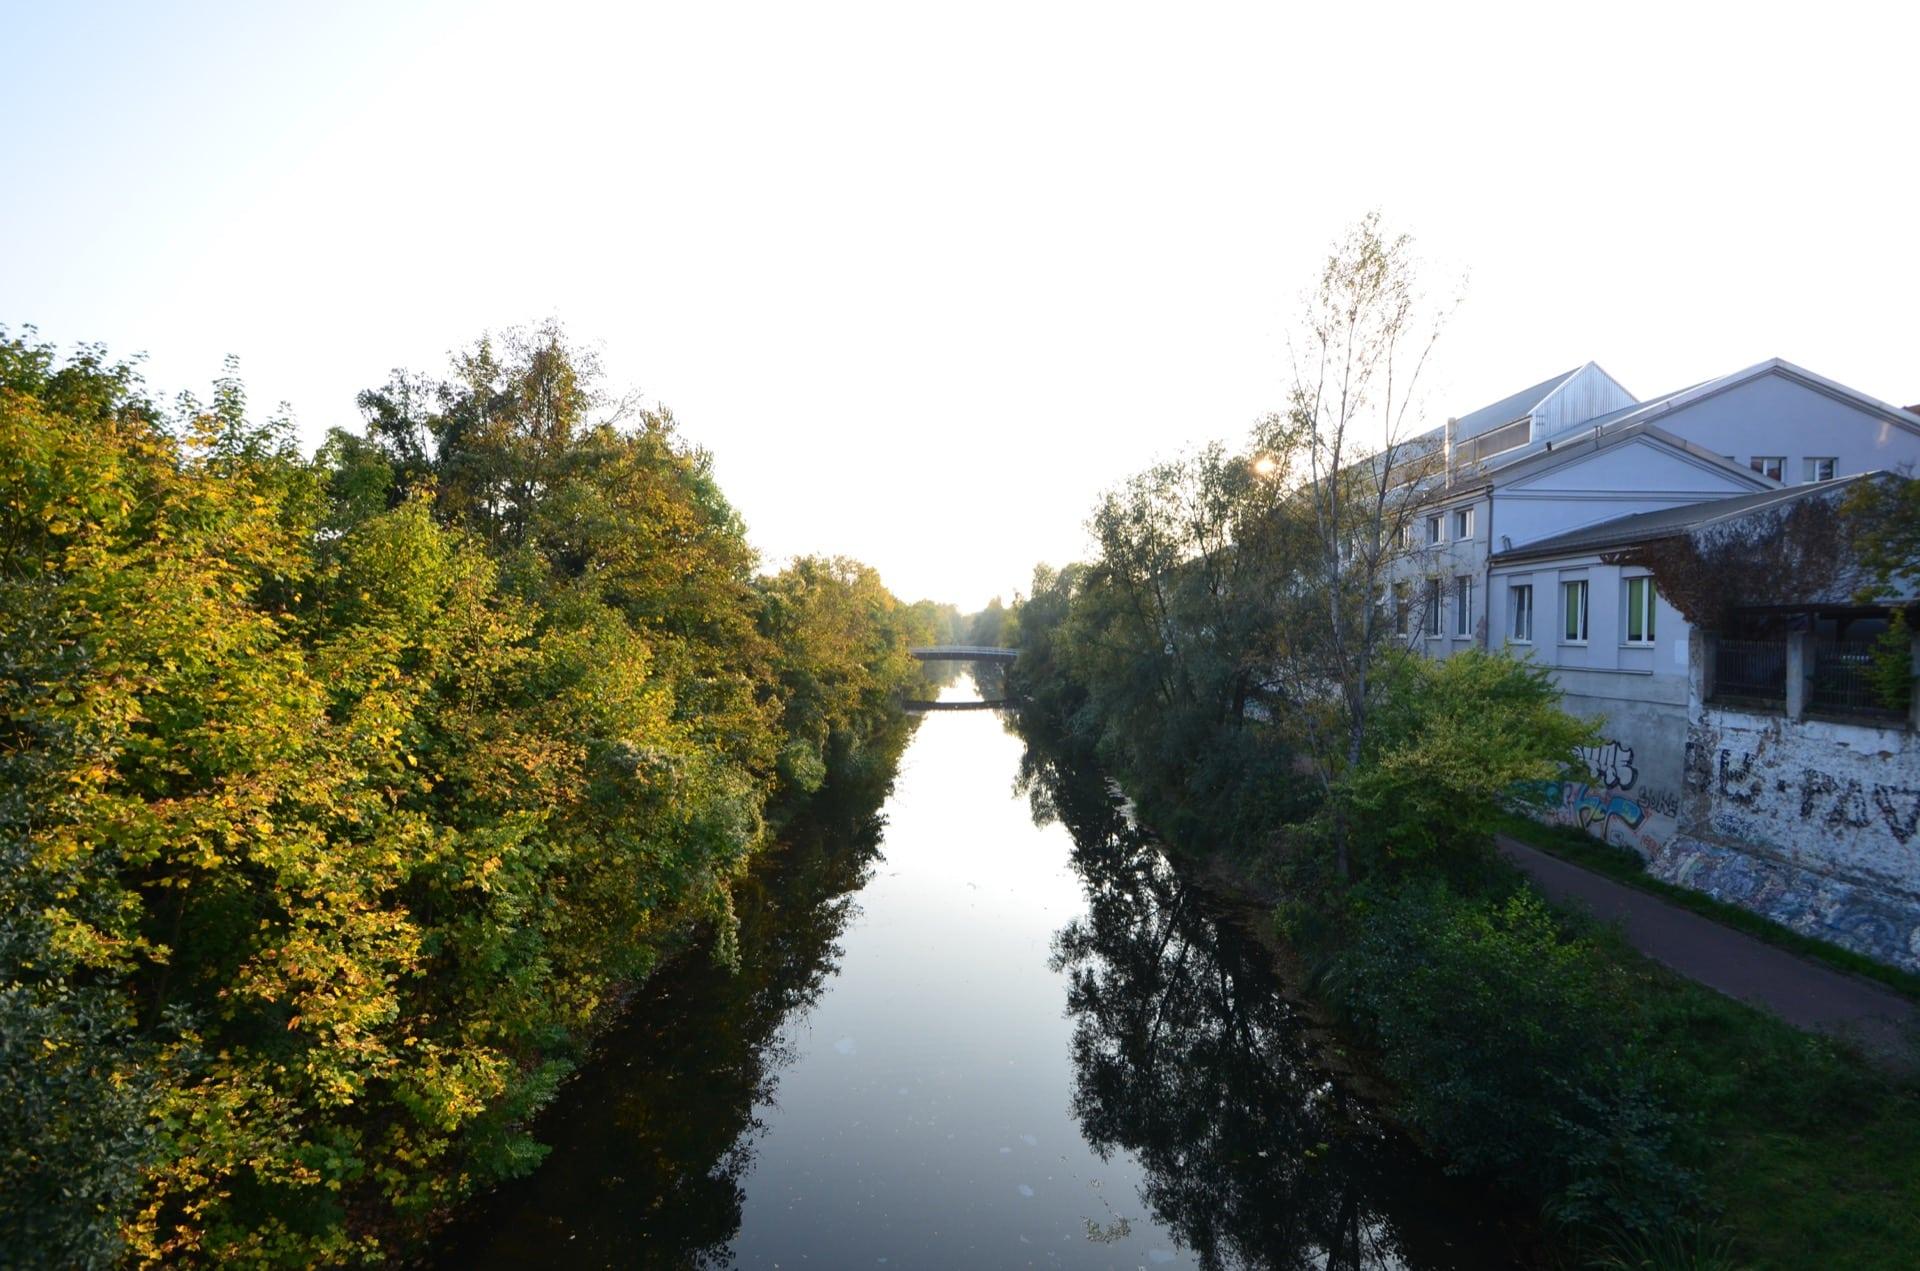 Graffstraße 11 - Bestand